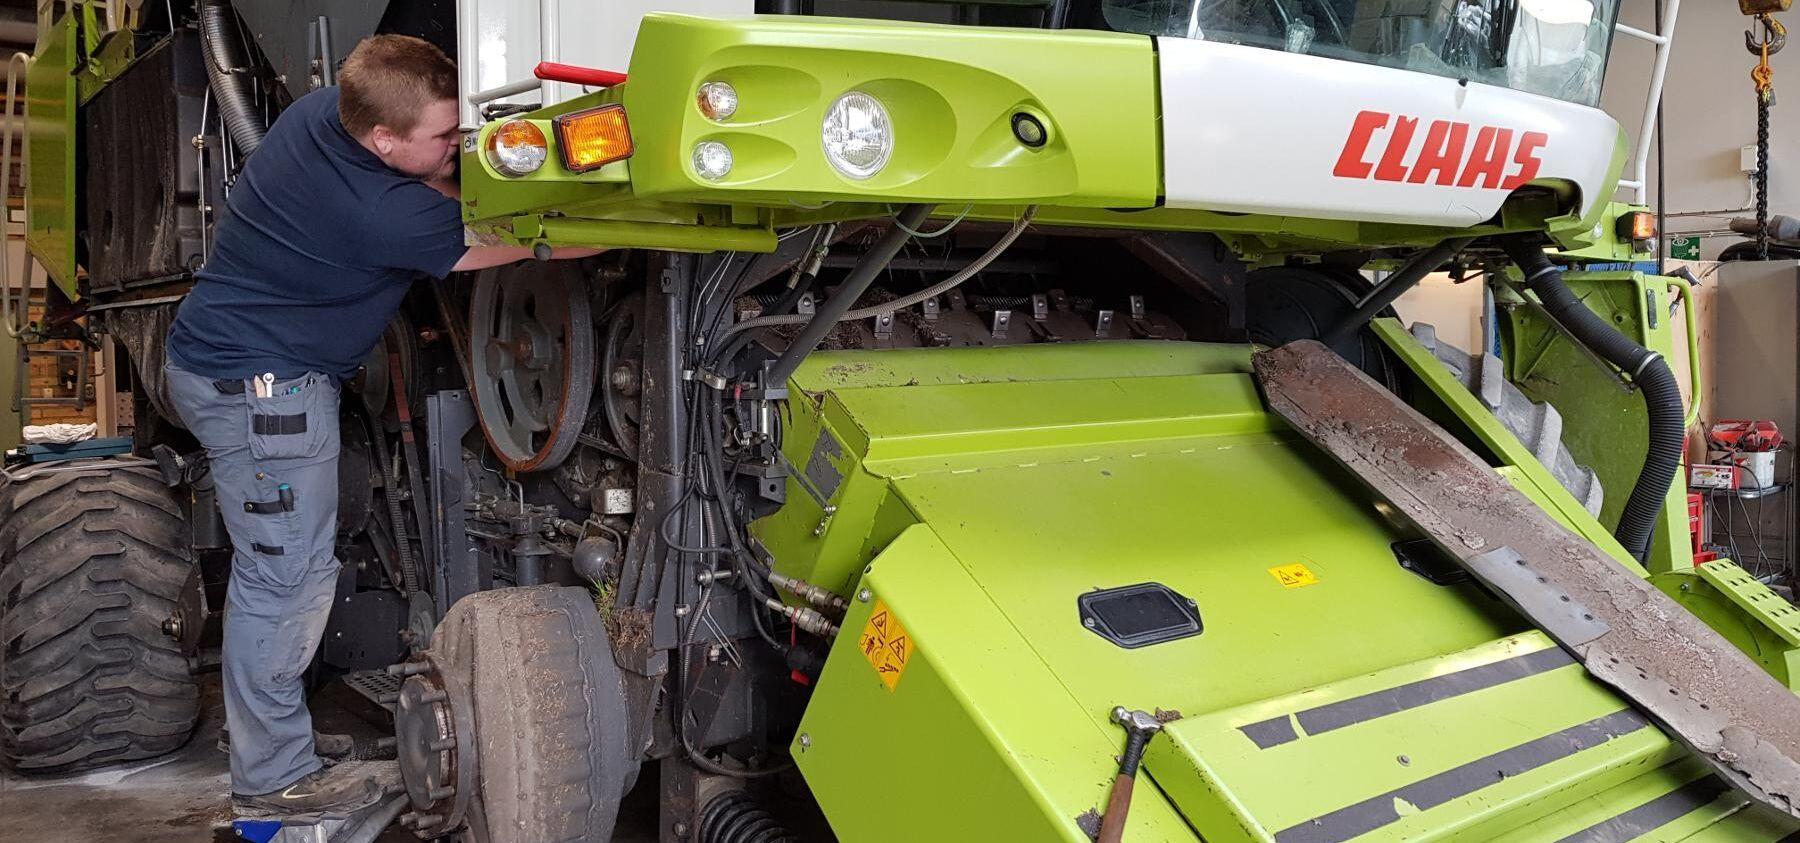 Lantmännen vill även fortsättningsvis serva en rad maskinmärken, och står därför fast vid att fortsätta reparera Claas-maskinerna.